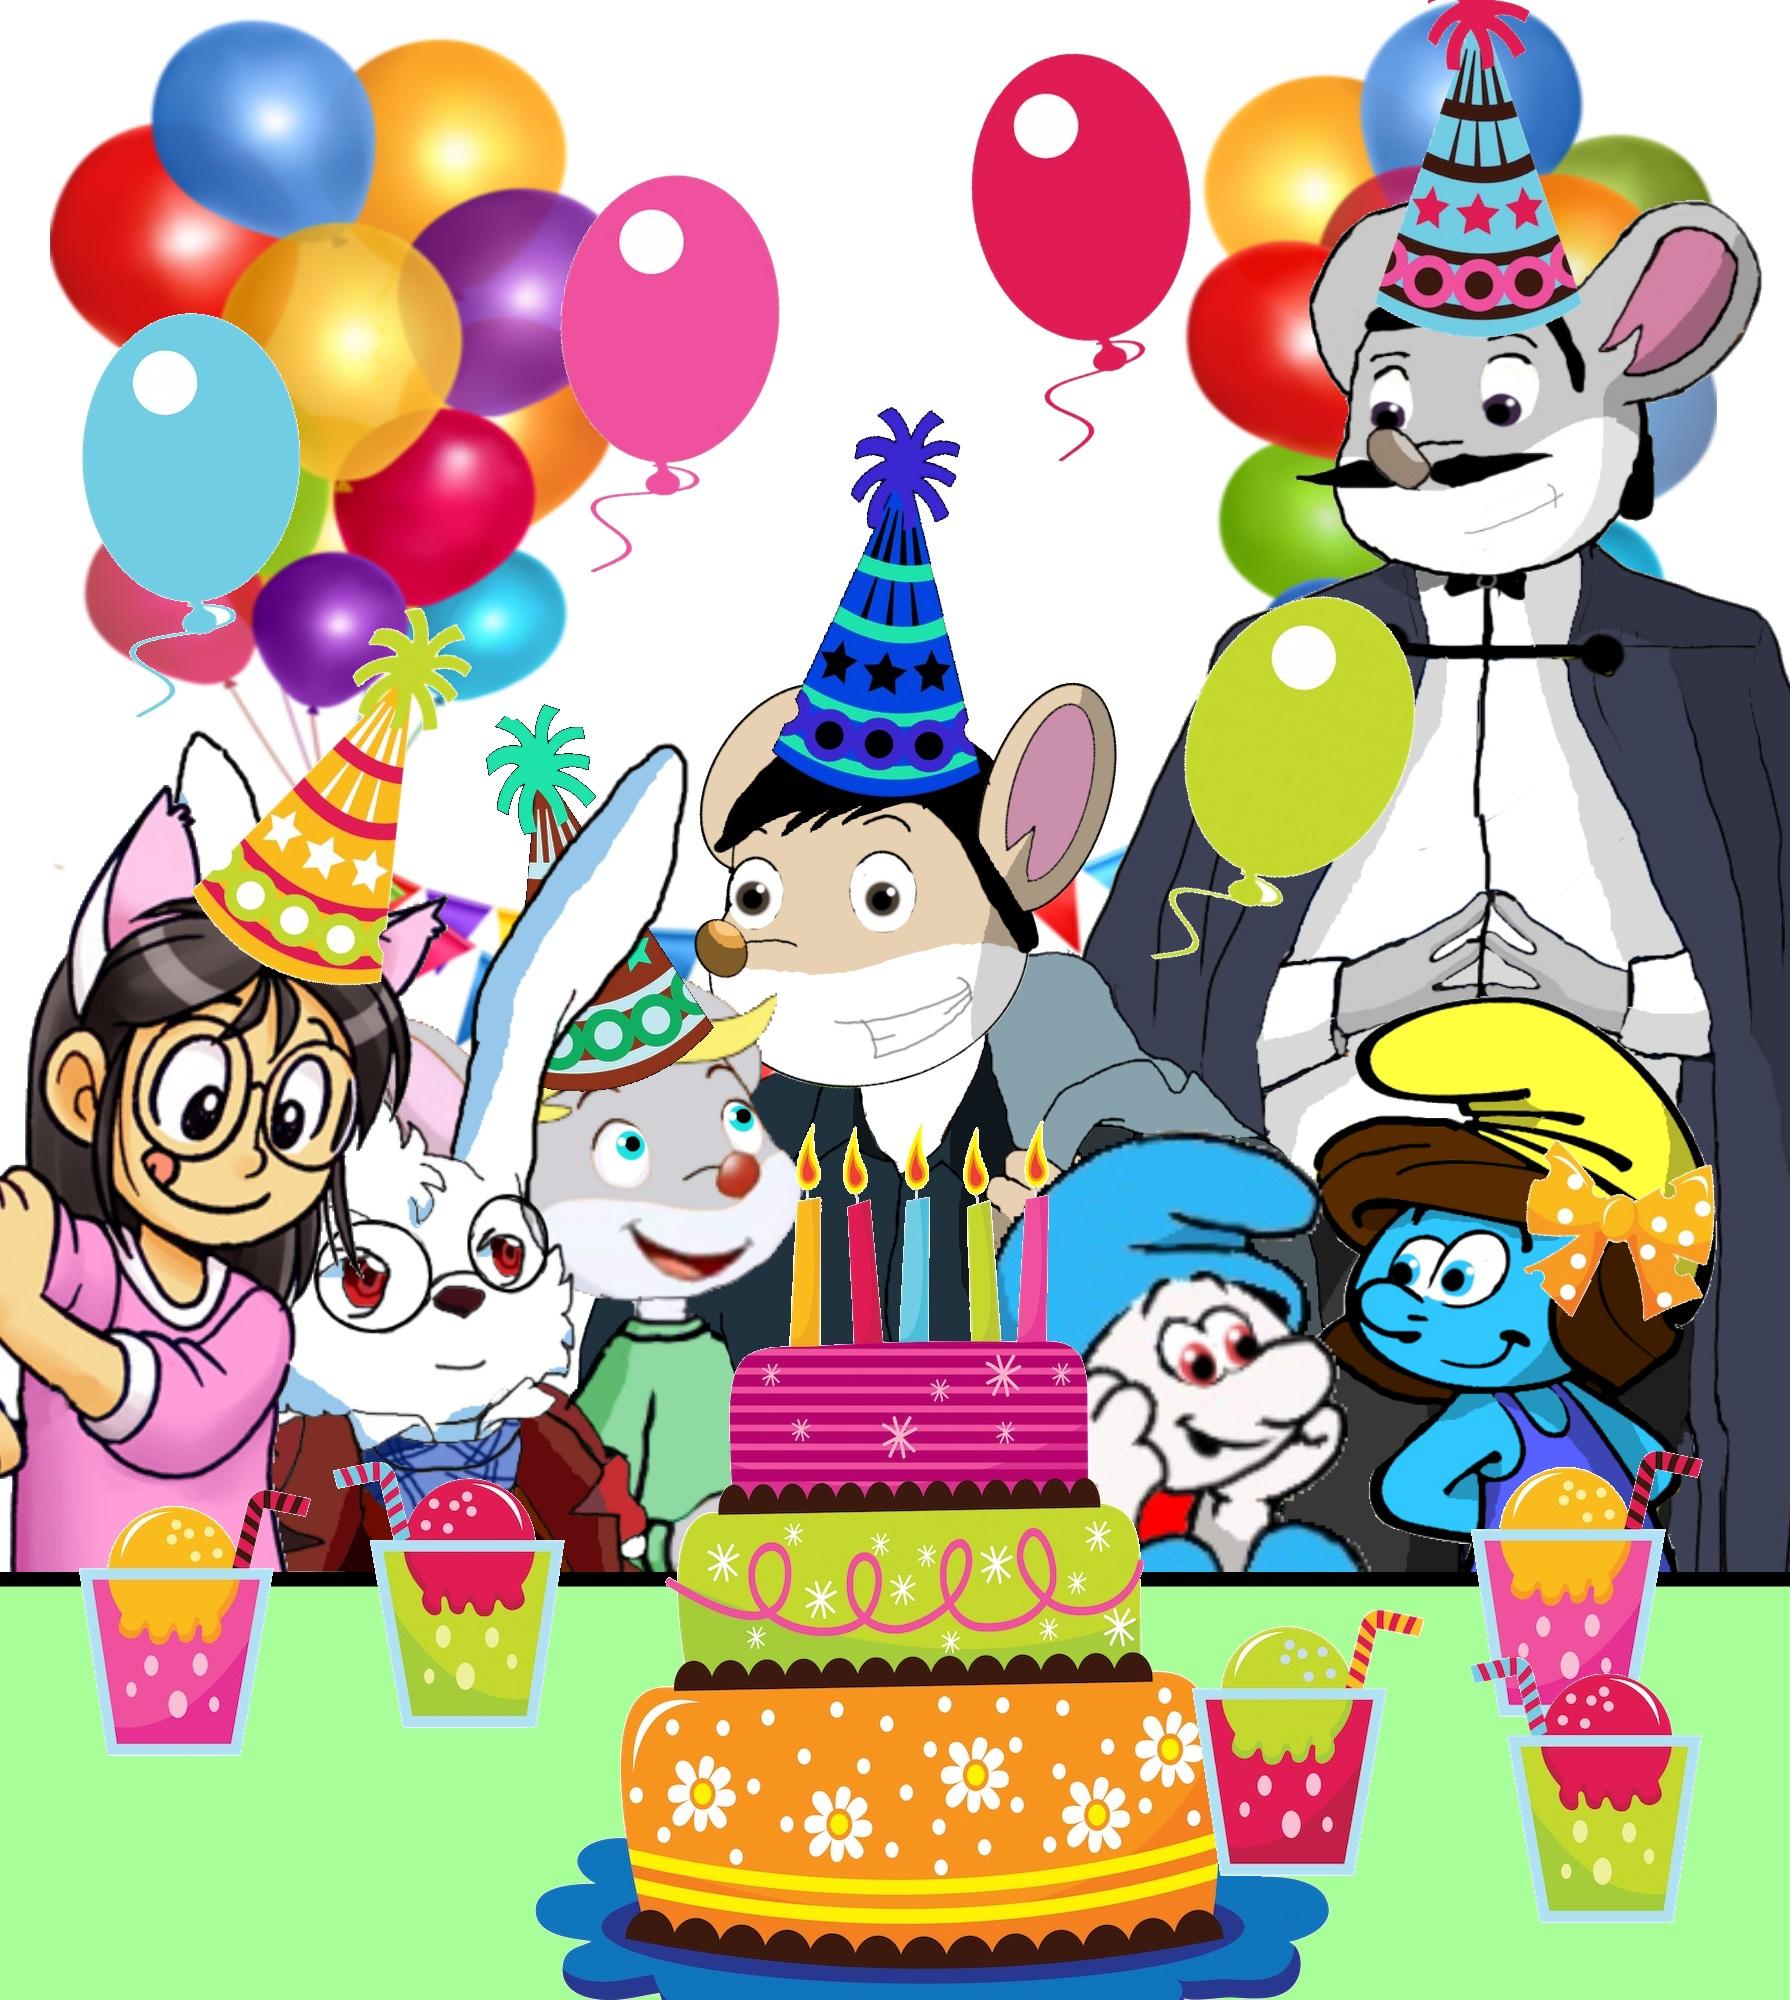 Happy Birthday to you by vasilia95